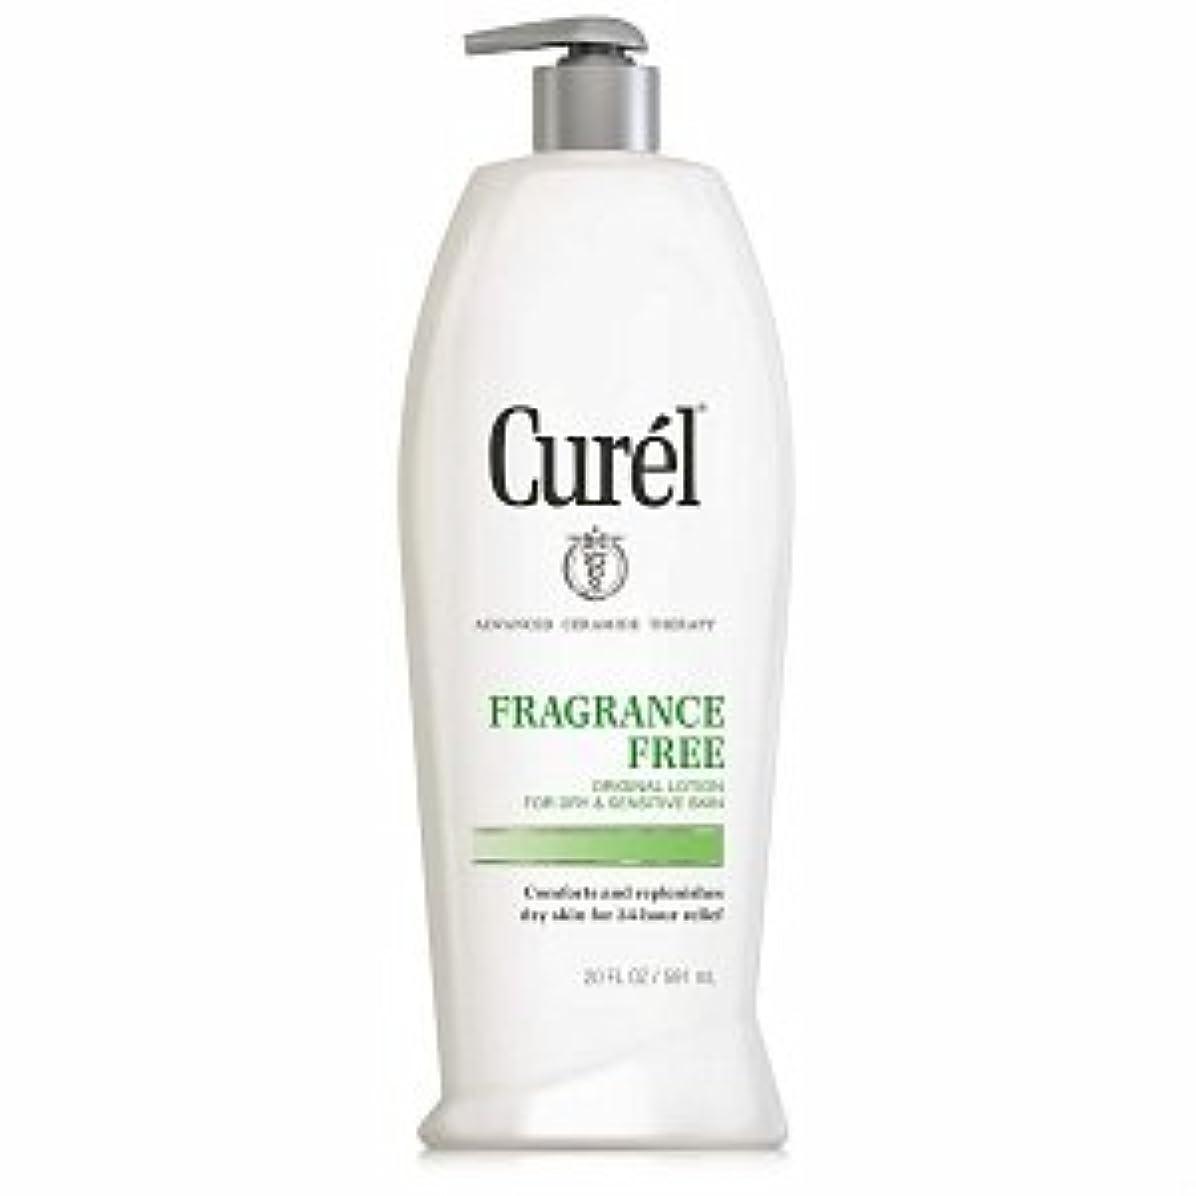 キー中級費用Curel Fragrance Free Original Lotion For Dry&Sensitive Skin - 13 fl oz  ポンプ式